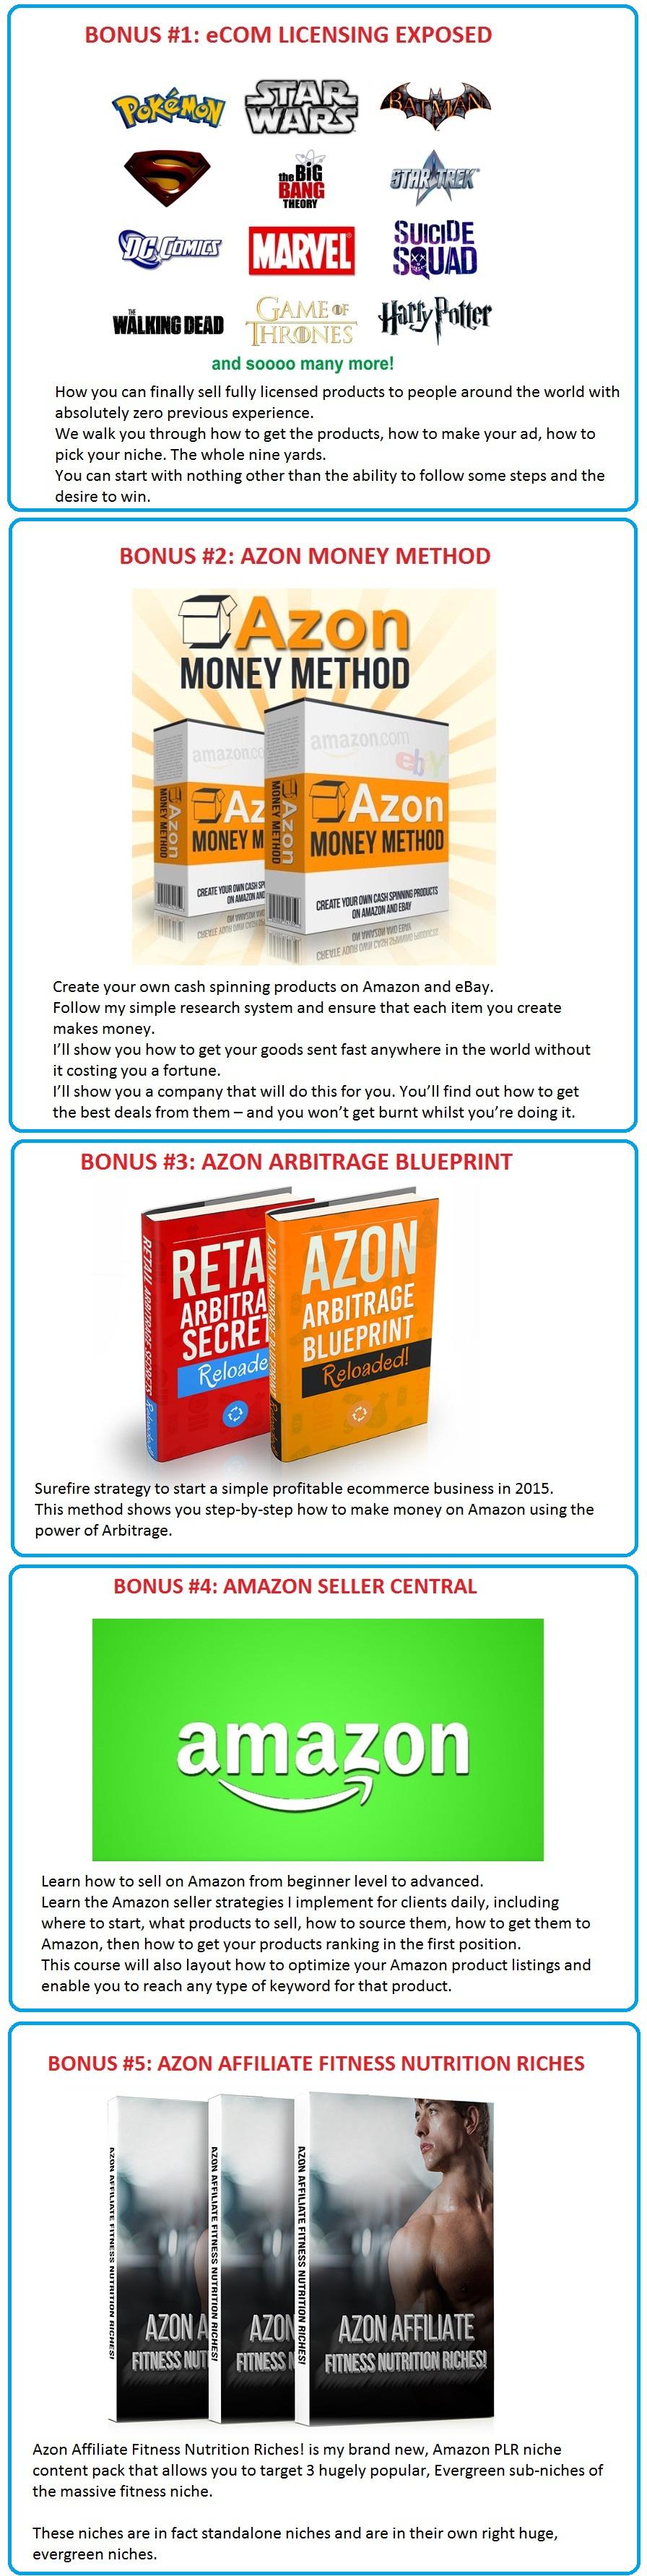 instantazon bonus